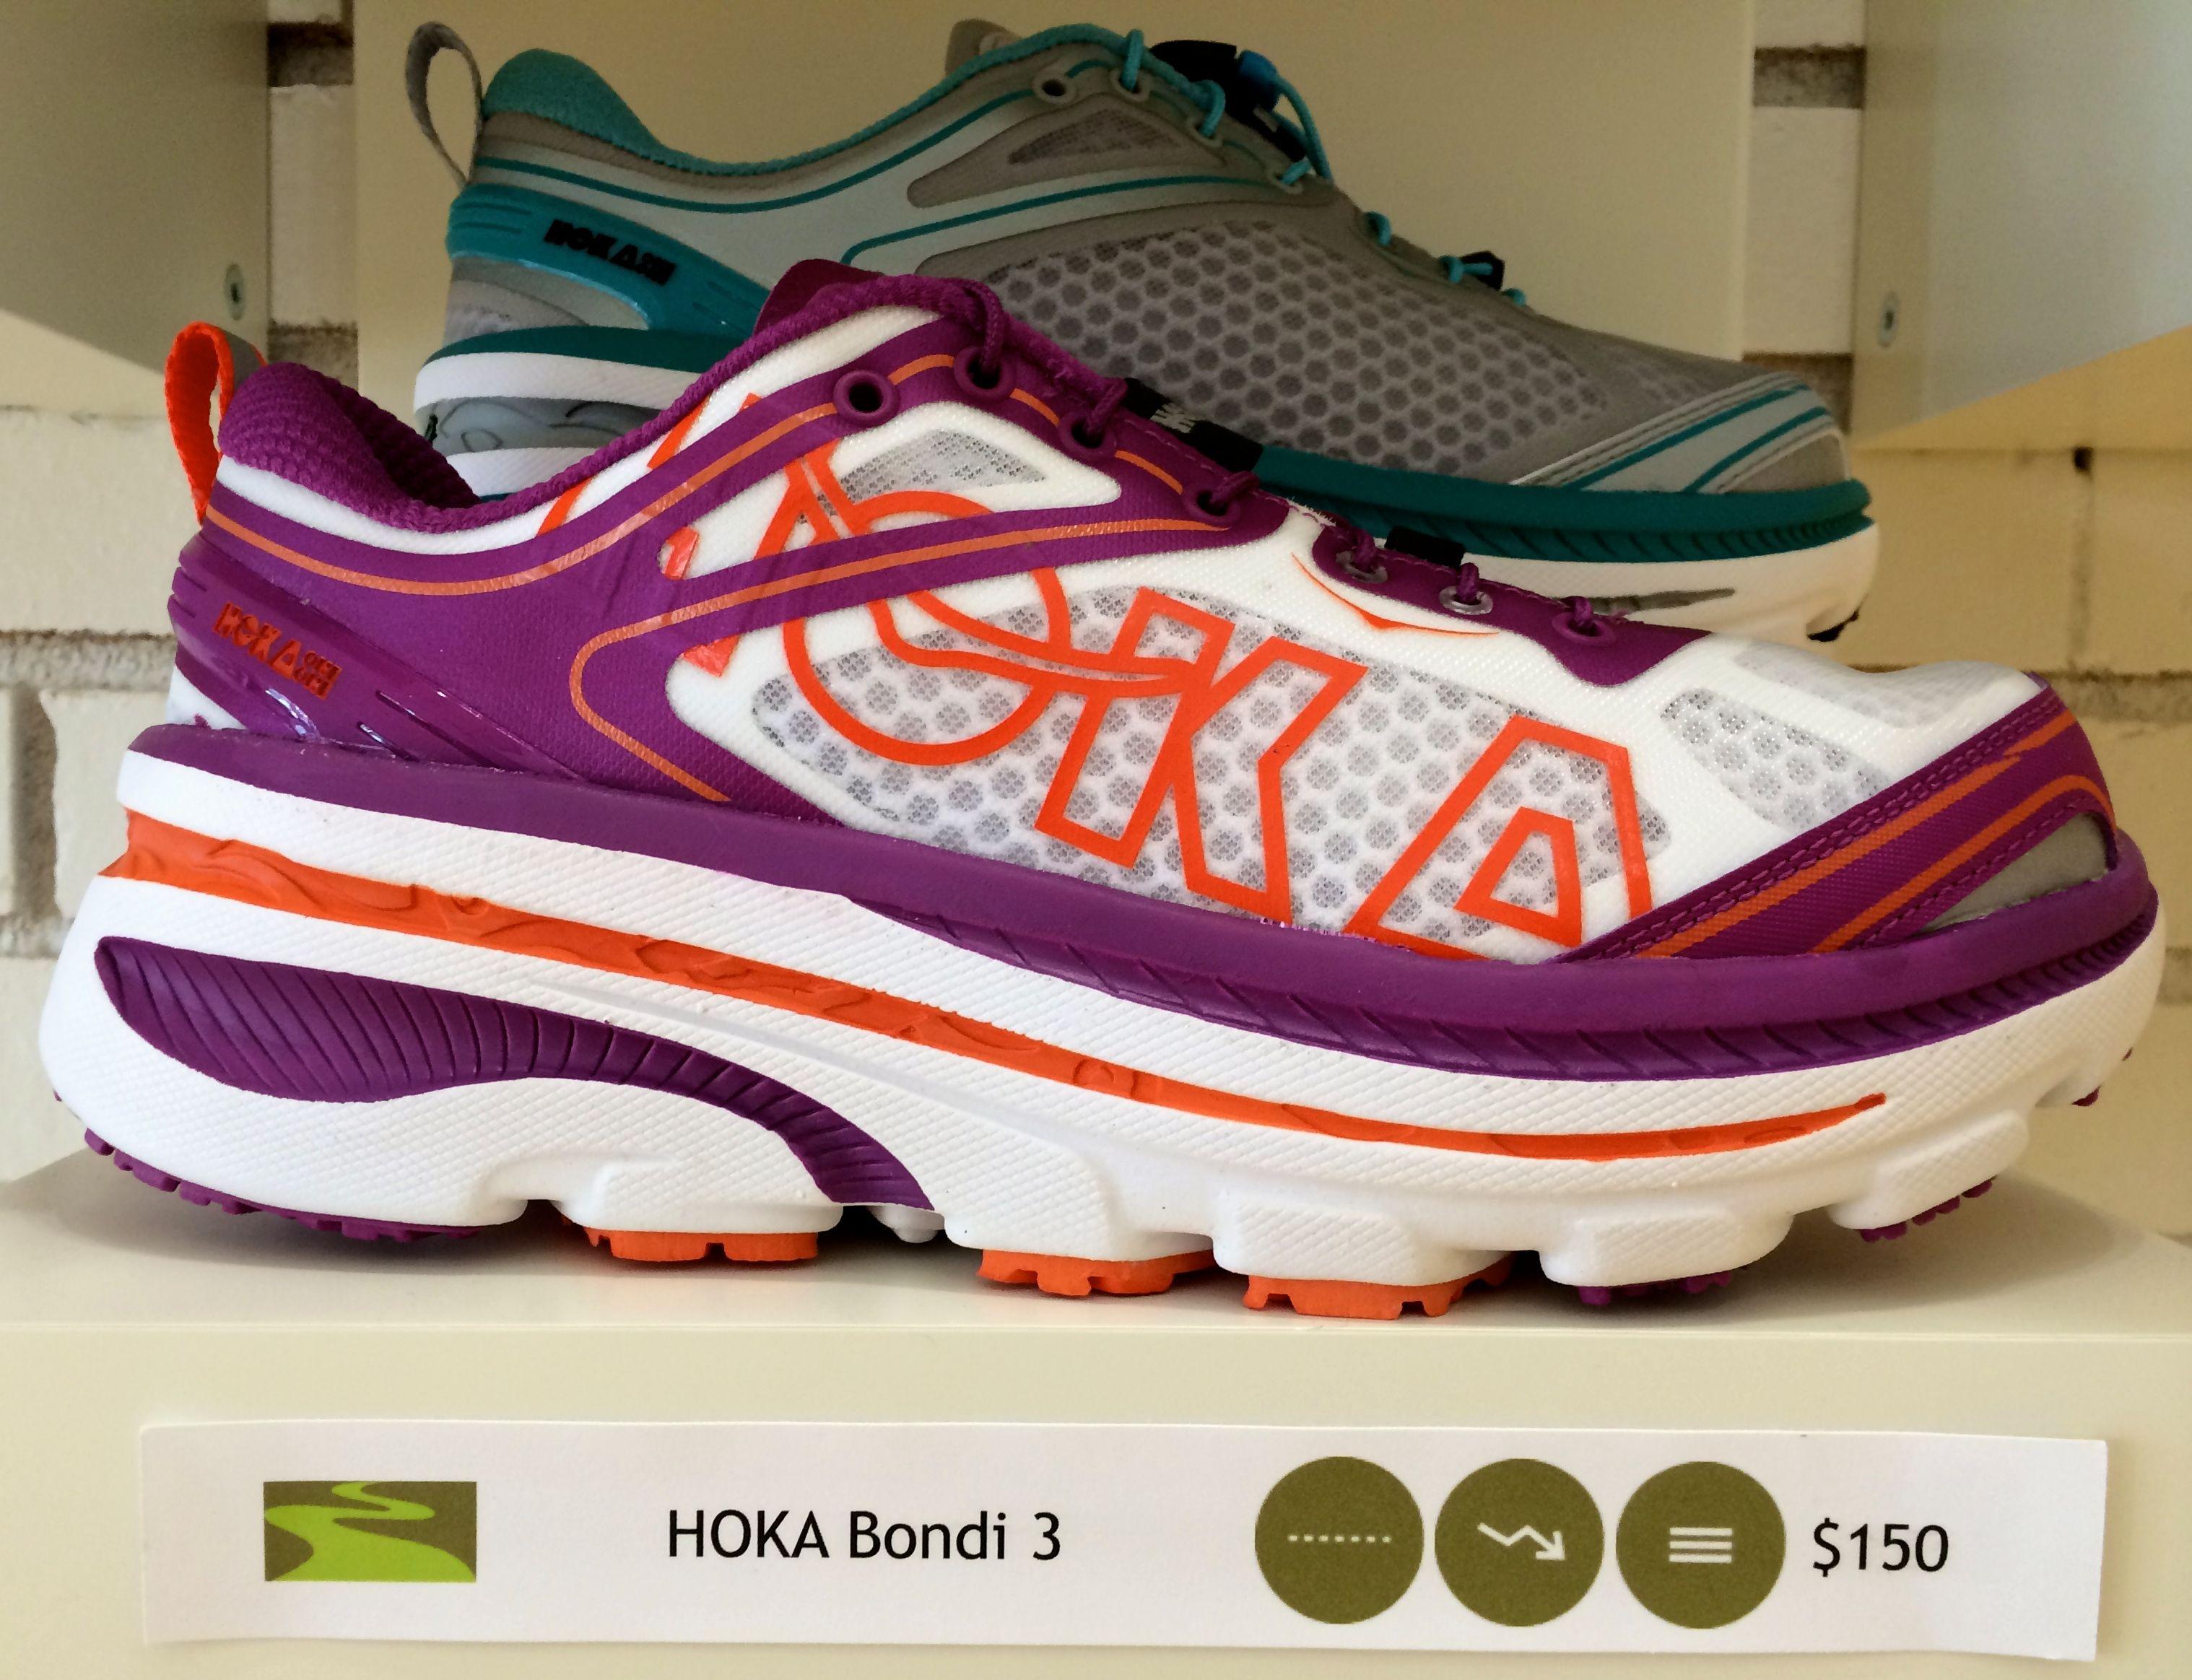 Hoka Bondi 3 (Women's) | Running shoes